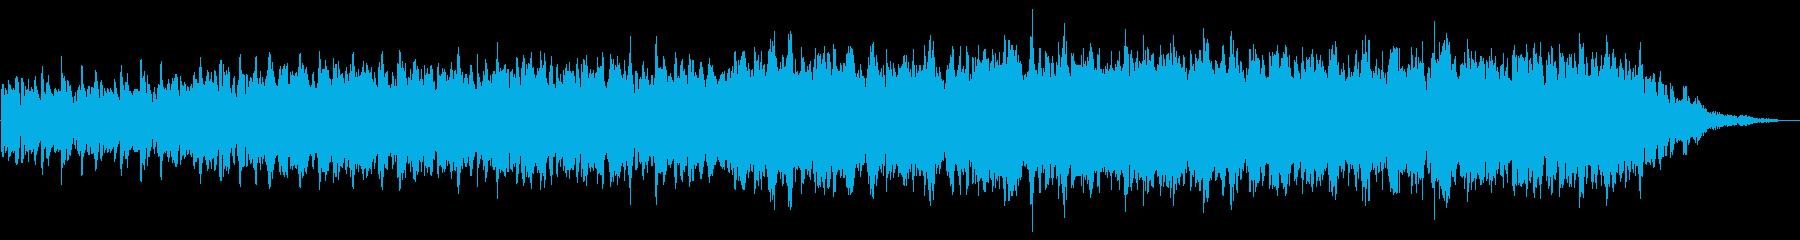 劇伴 幻想的なアンビエントの再生済みの波形